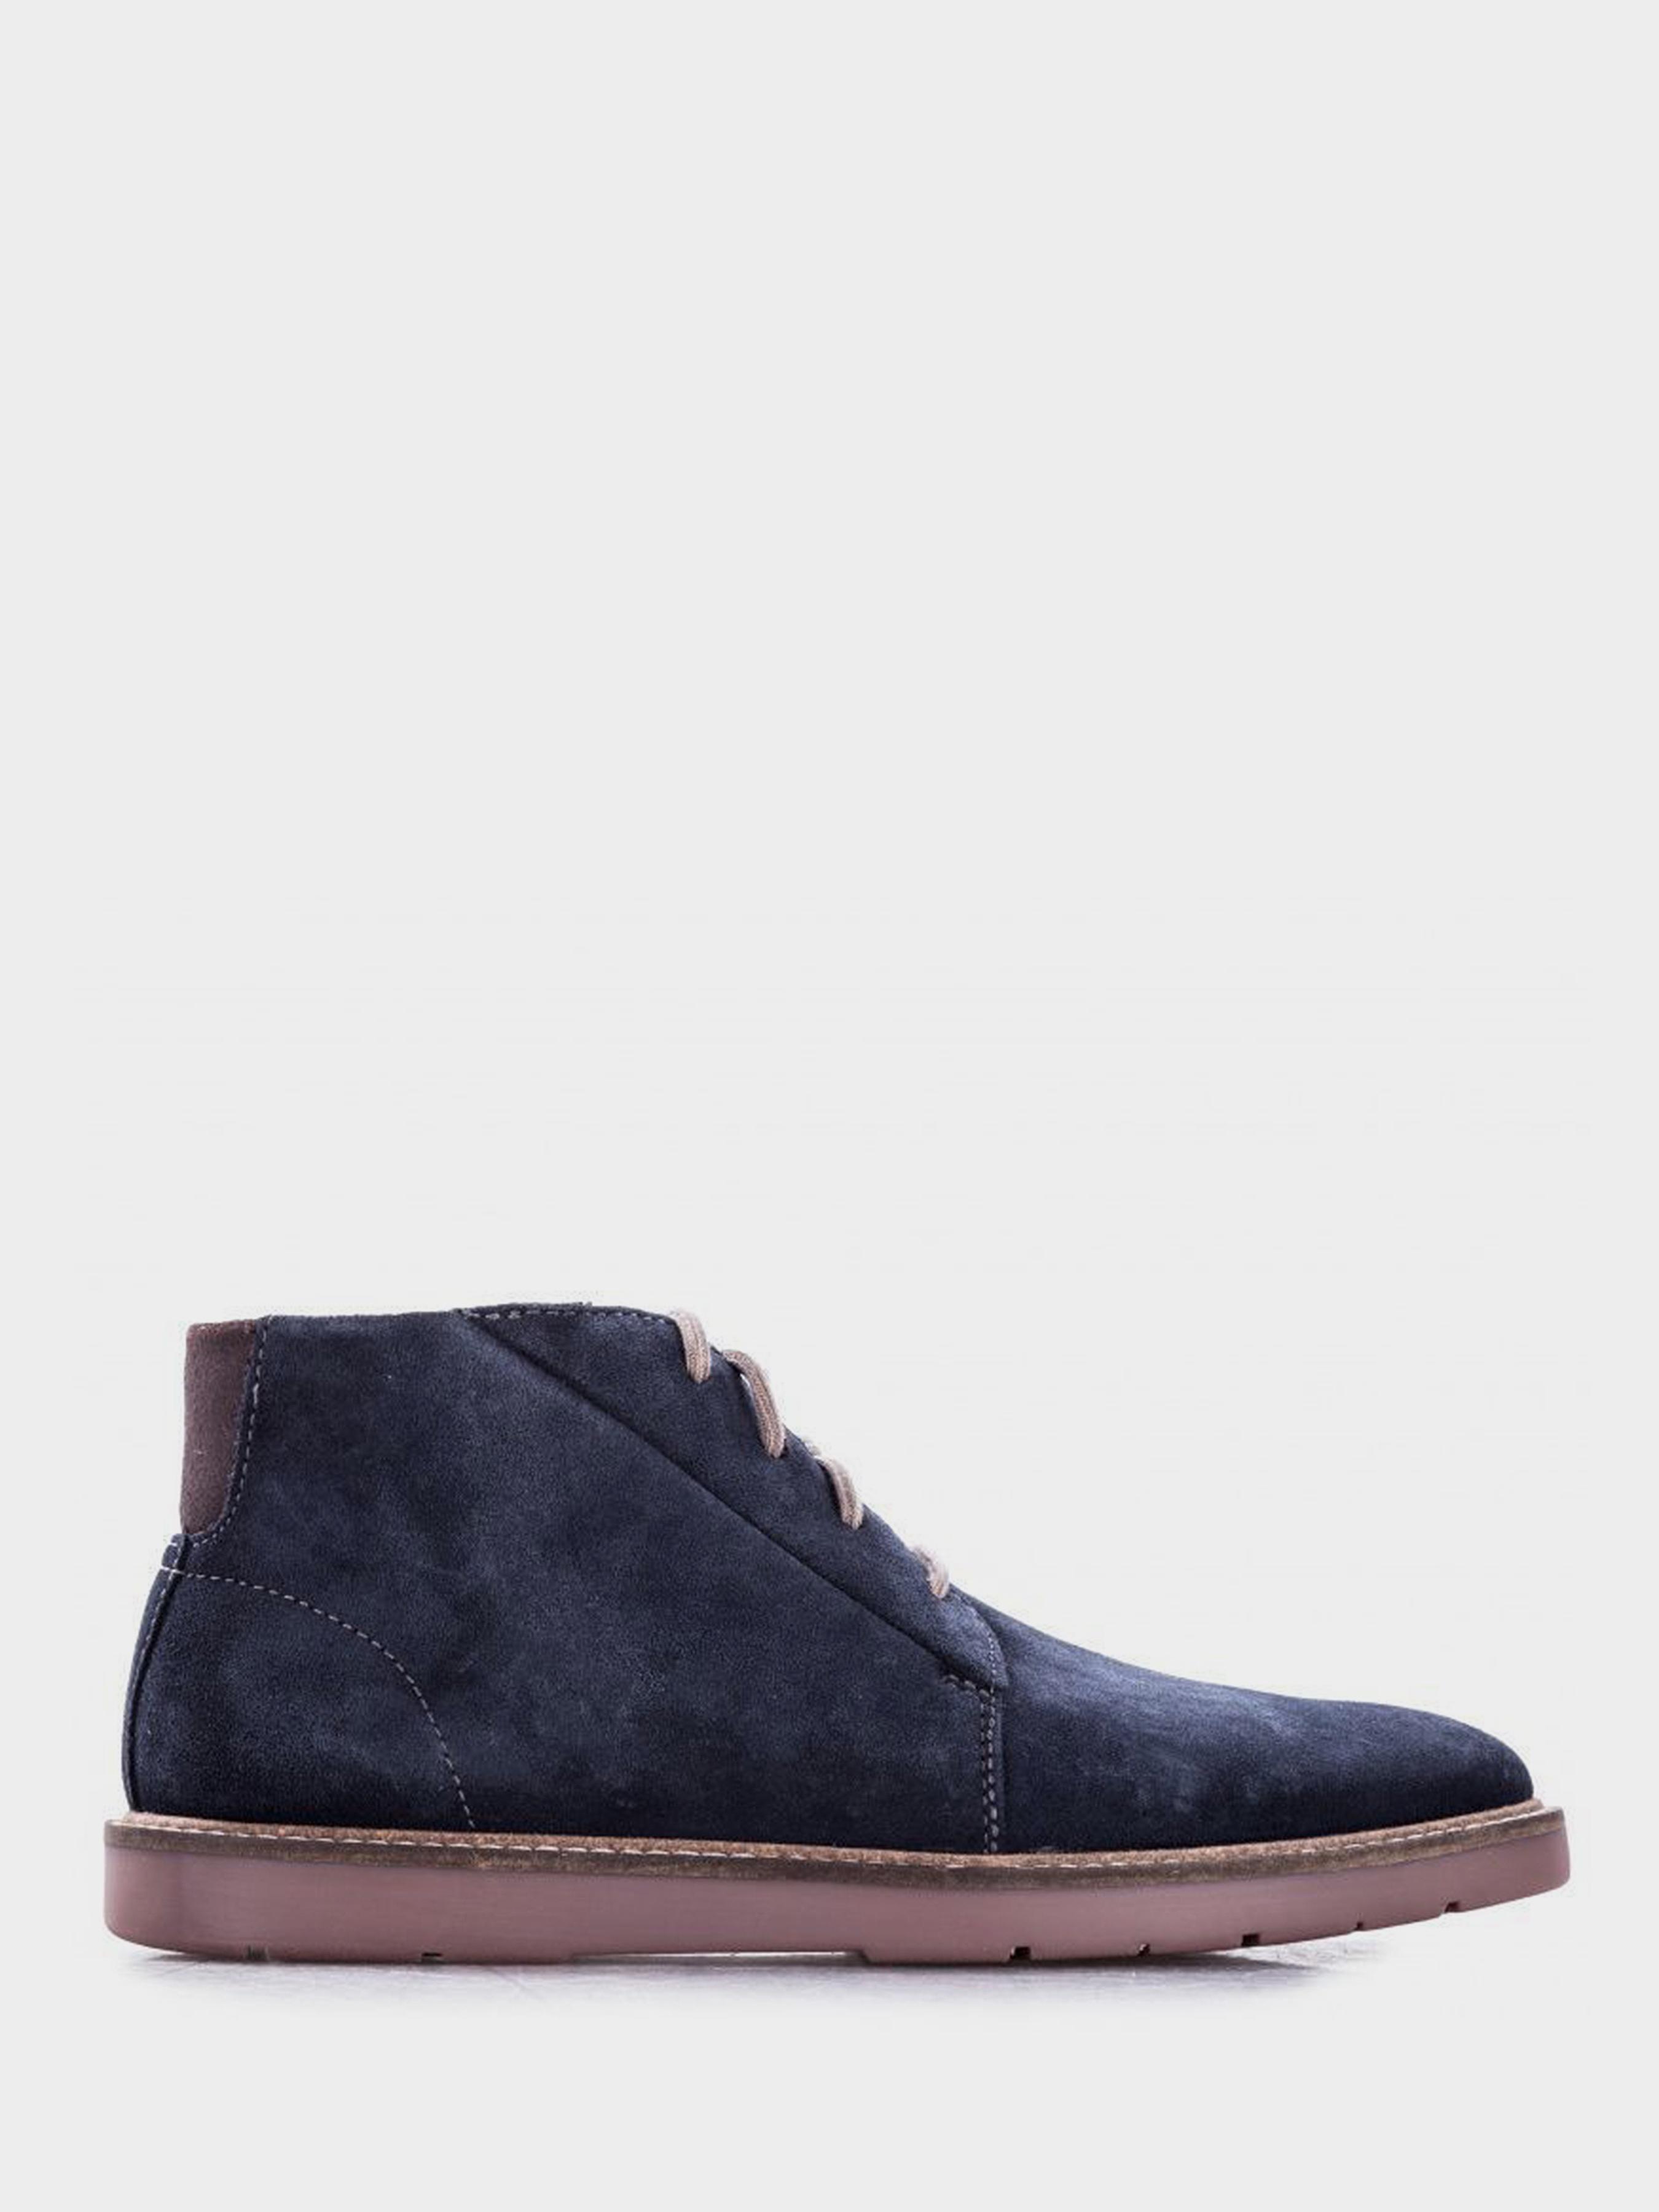 Ботинки для мужчин Clarks Grandin Mid OM2898 Заказать, 2017